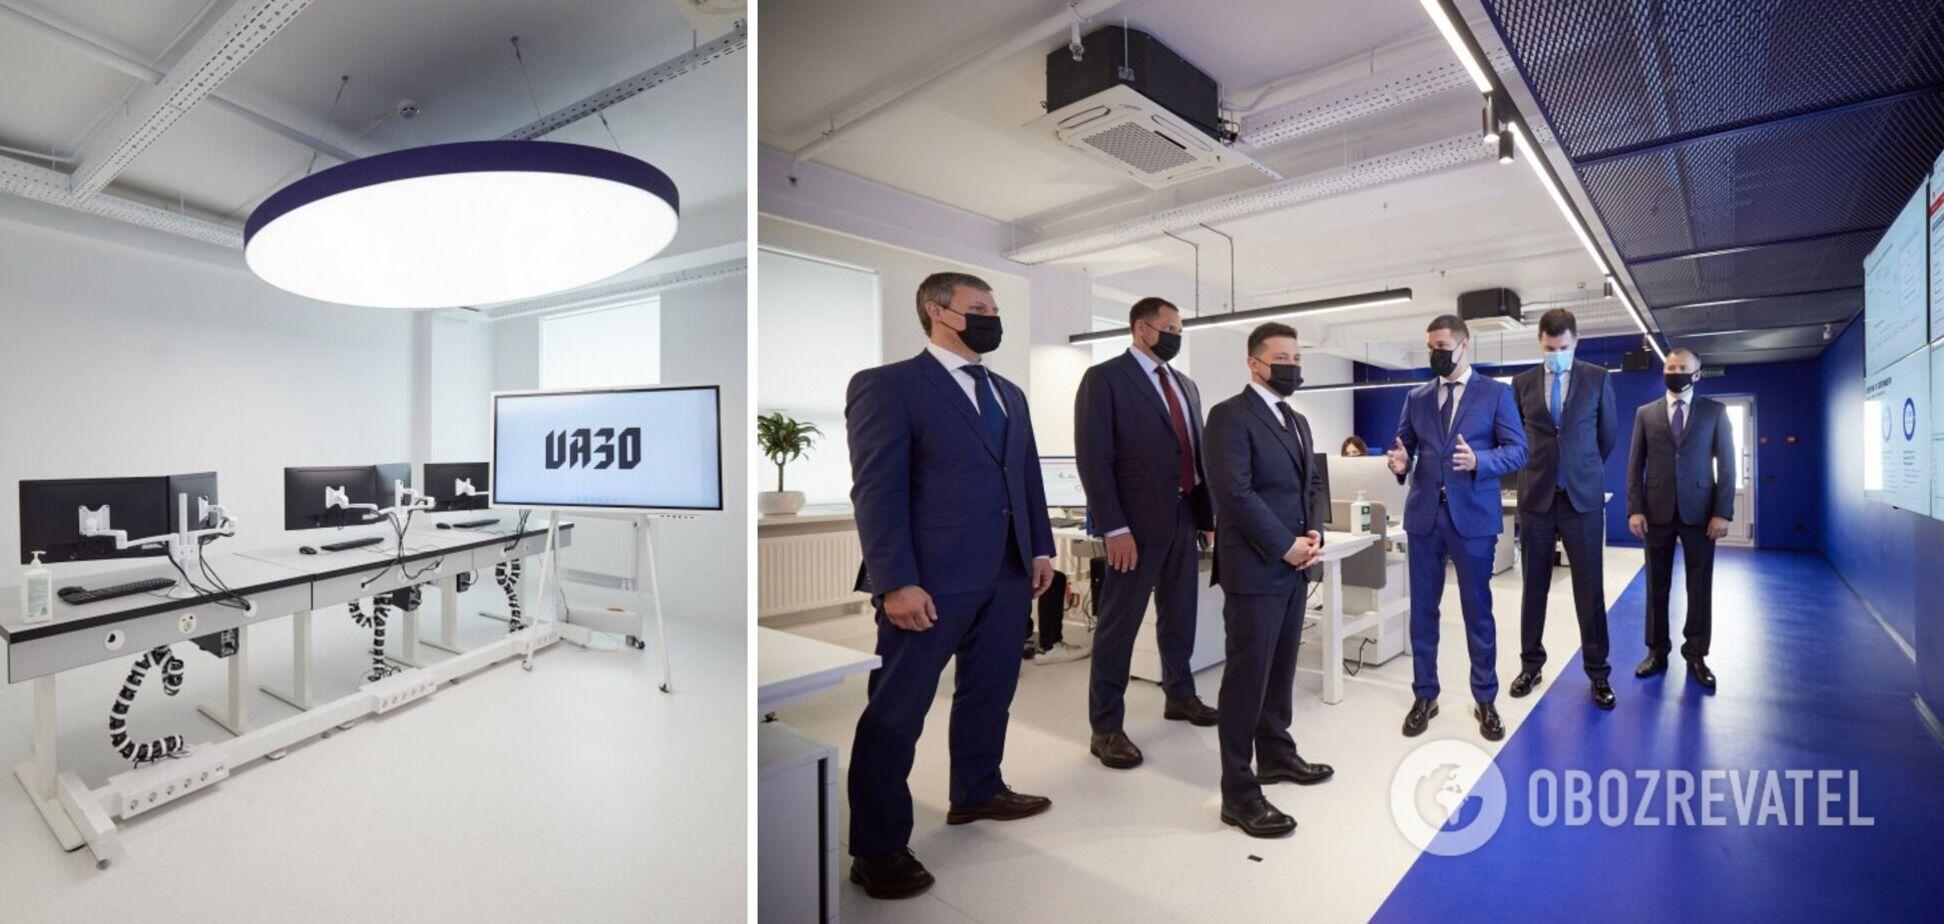 Зеленський– про відкриття 'Кіберцентру UA30':Україна змінюється не просто на словах